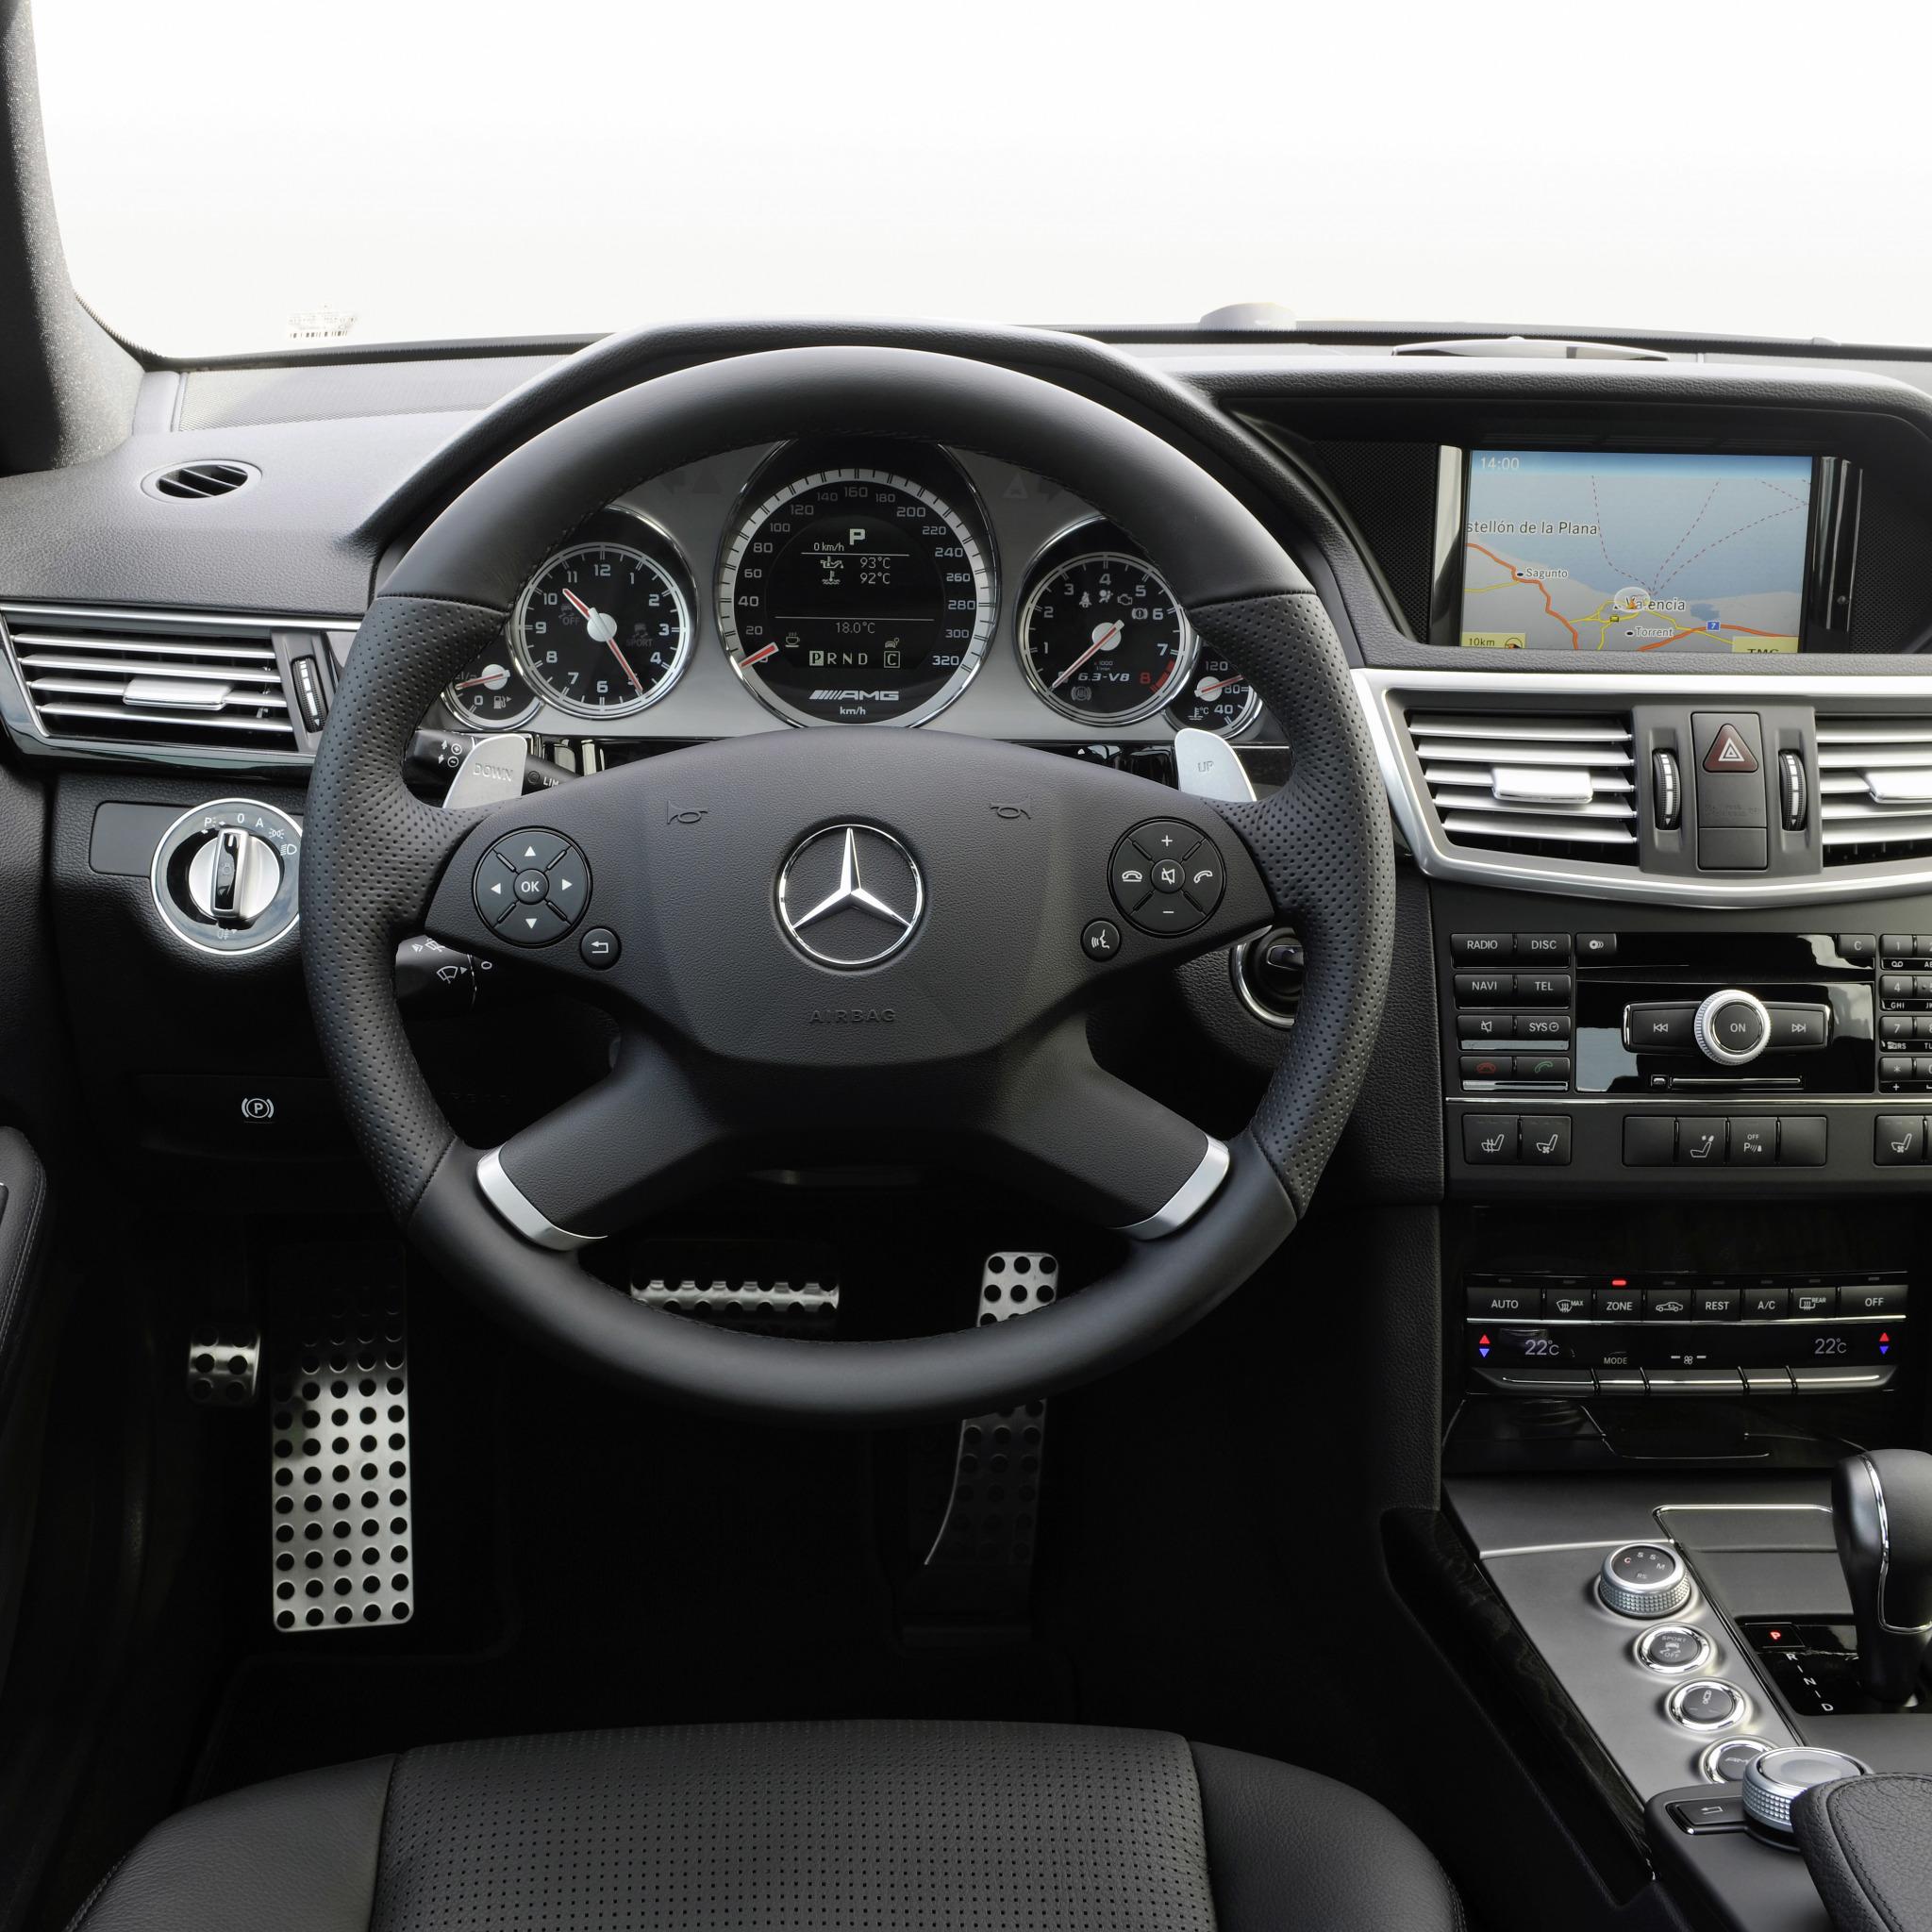 Как войти в инженерное меню головного устройства Comand на Mercedes E-Class (W212) фото